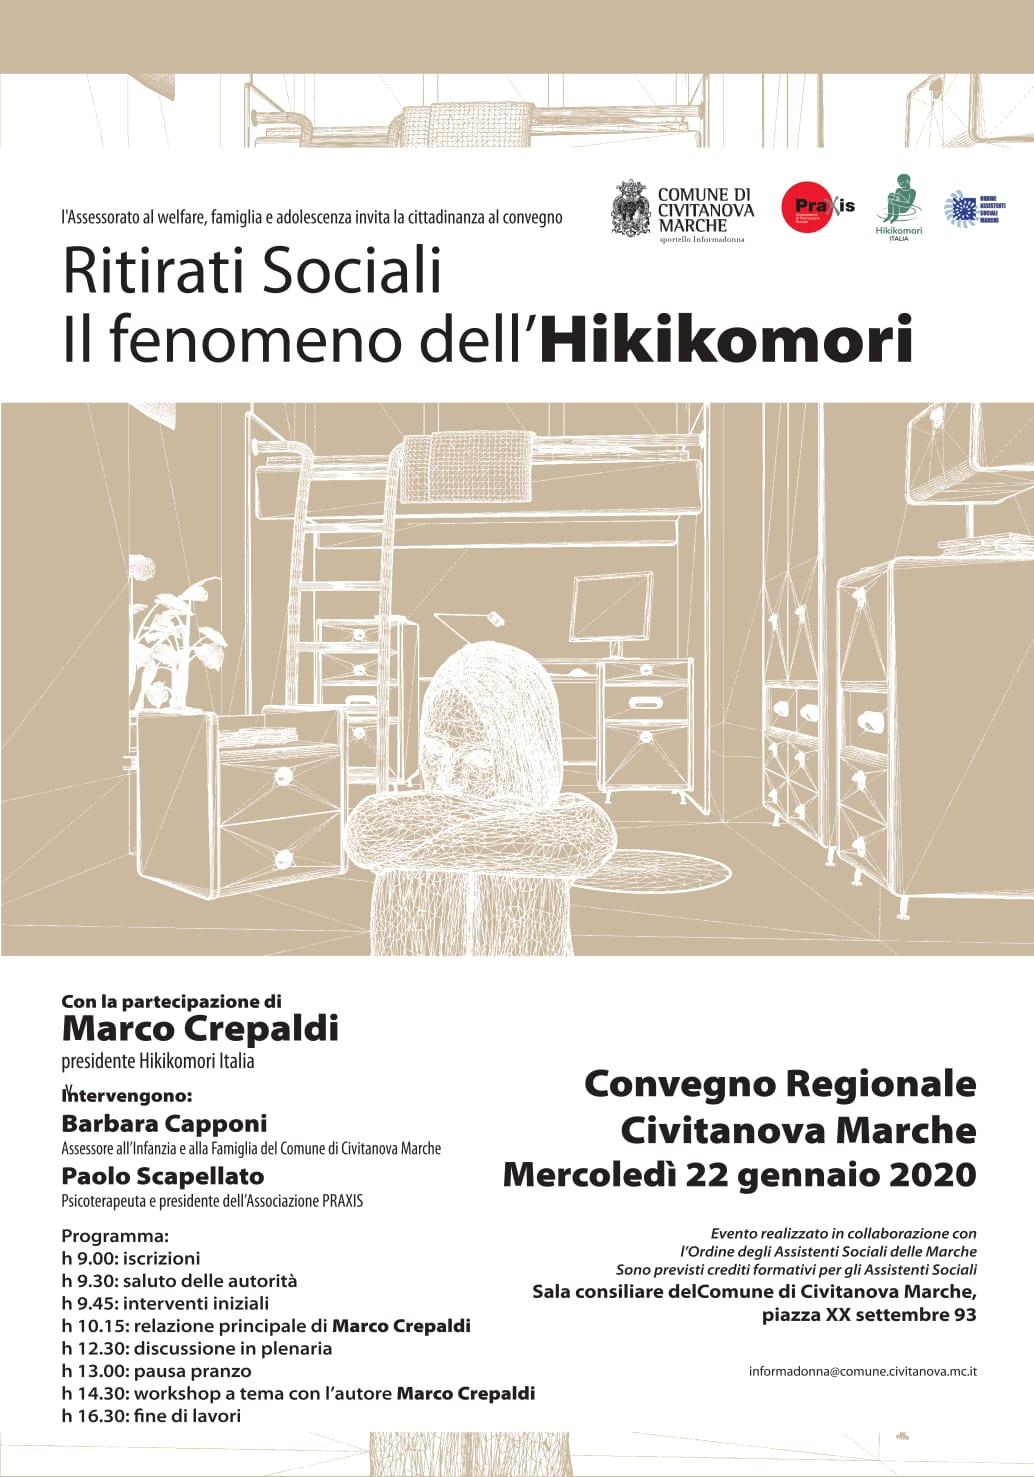 CIVITANOVA MARCHE – CONVEGNO REGIONALE – RITIRATI SOCIALI: IL FENOMENO DELL'HIKIKOMORI